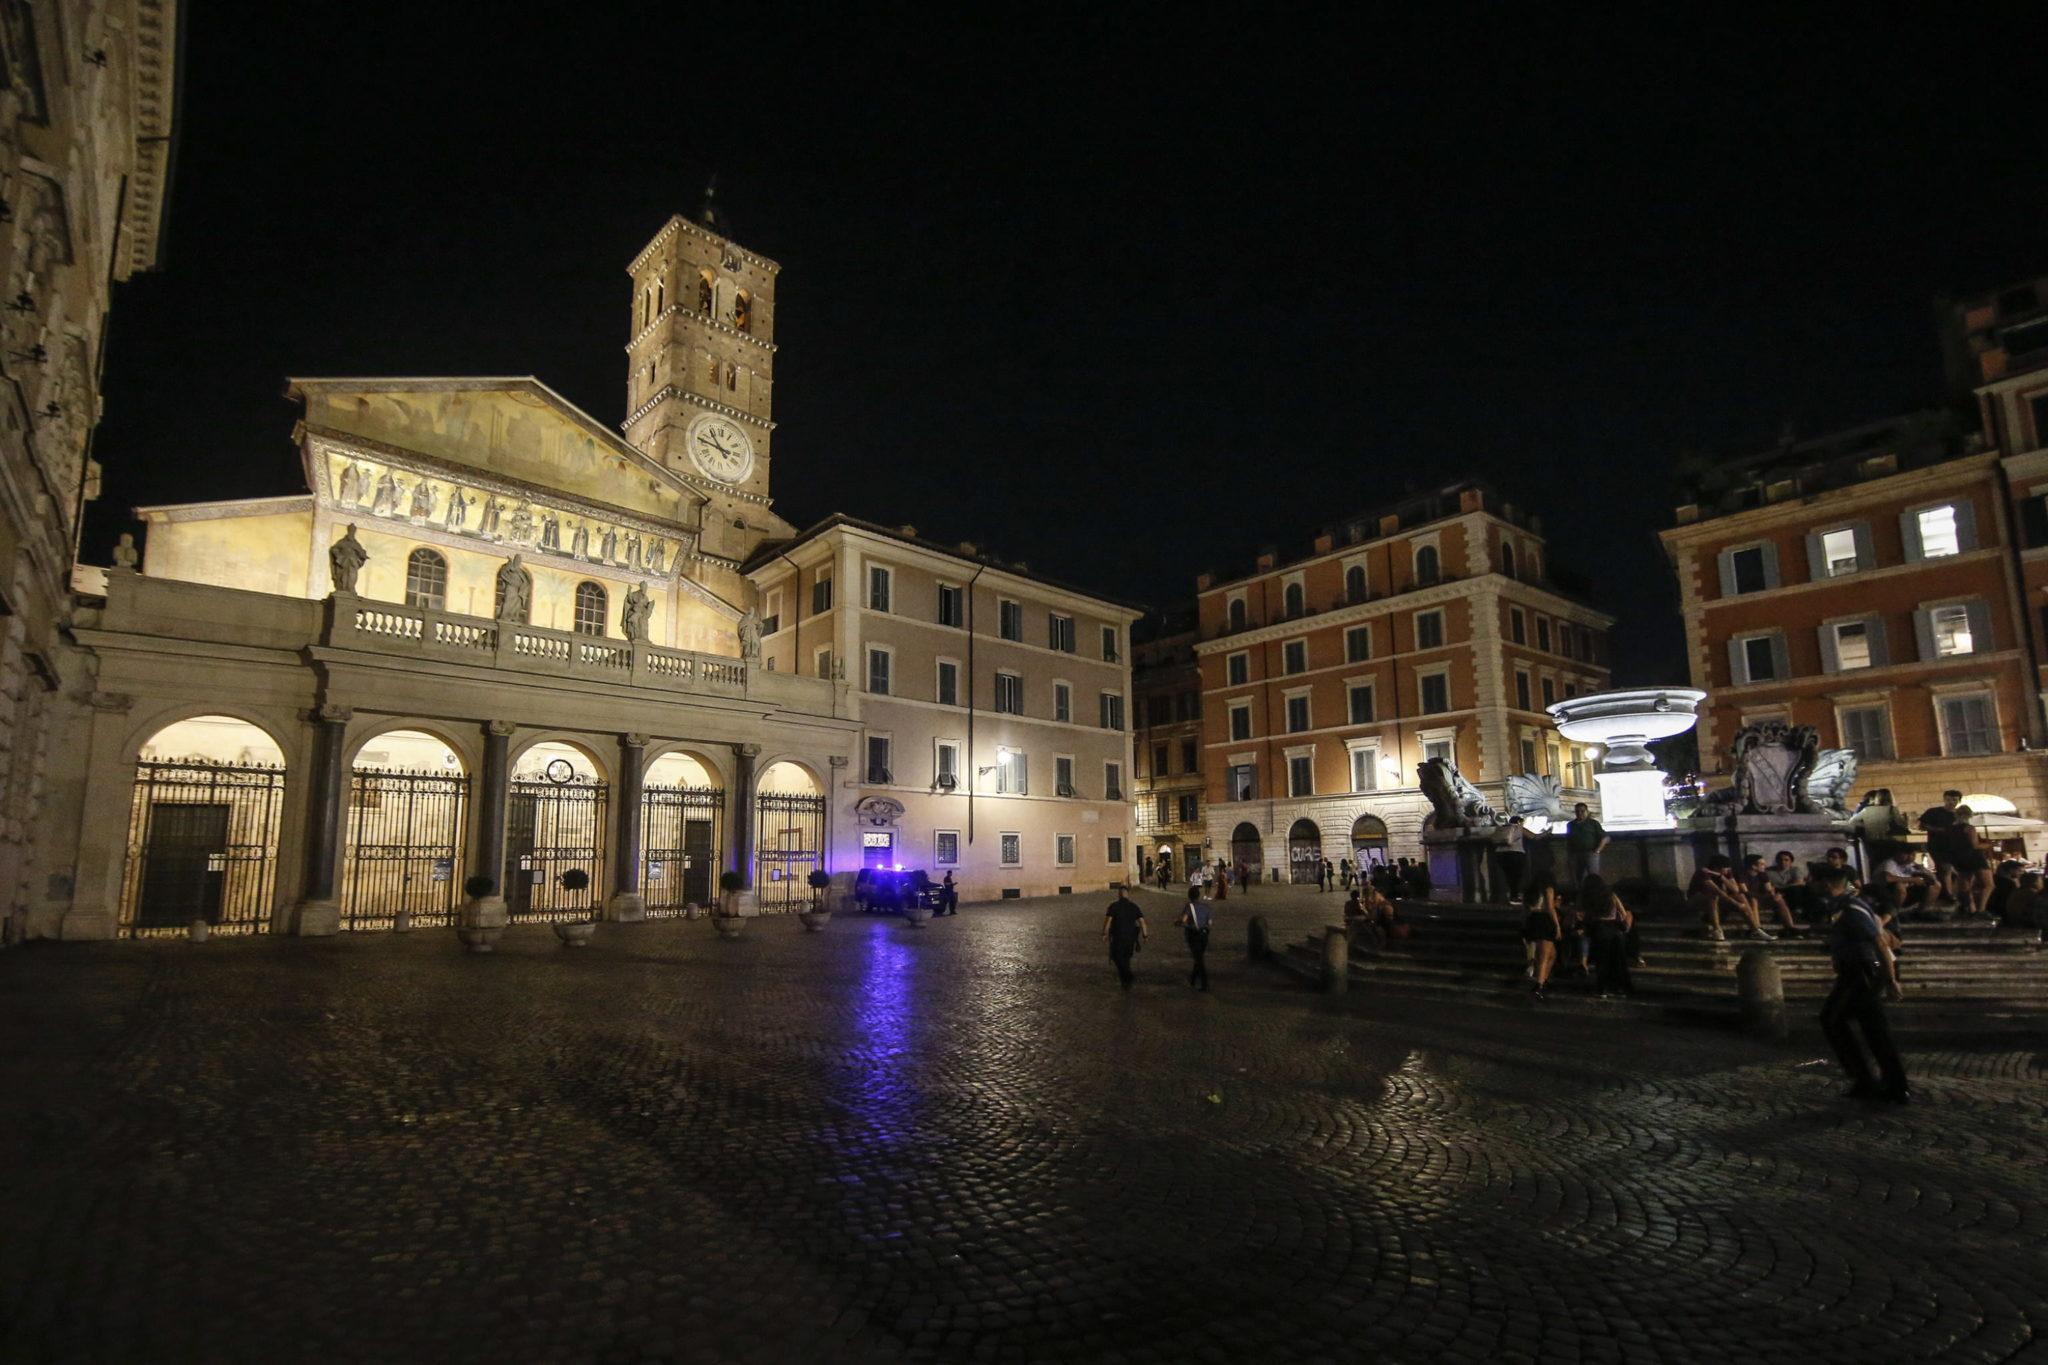 To jeden z najstarszych kościołów w Rzymie na Zatybrzu, założony przez św. Kaliksta, fot. EPA/FABIO FRUSTACI